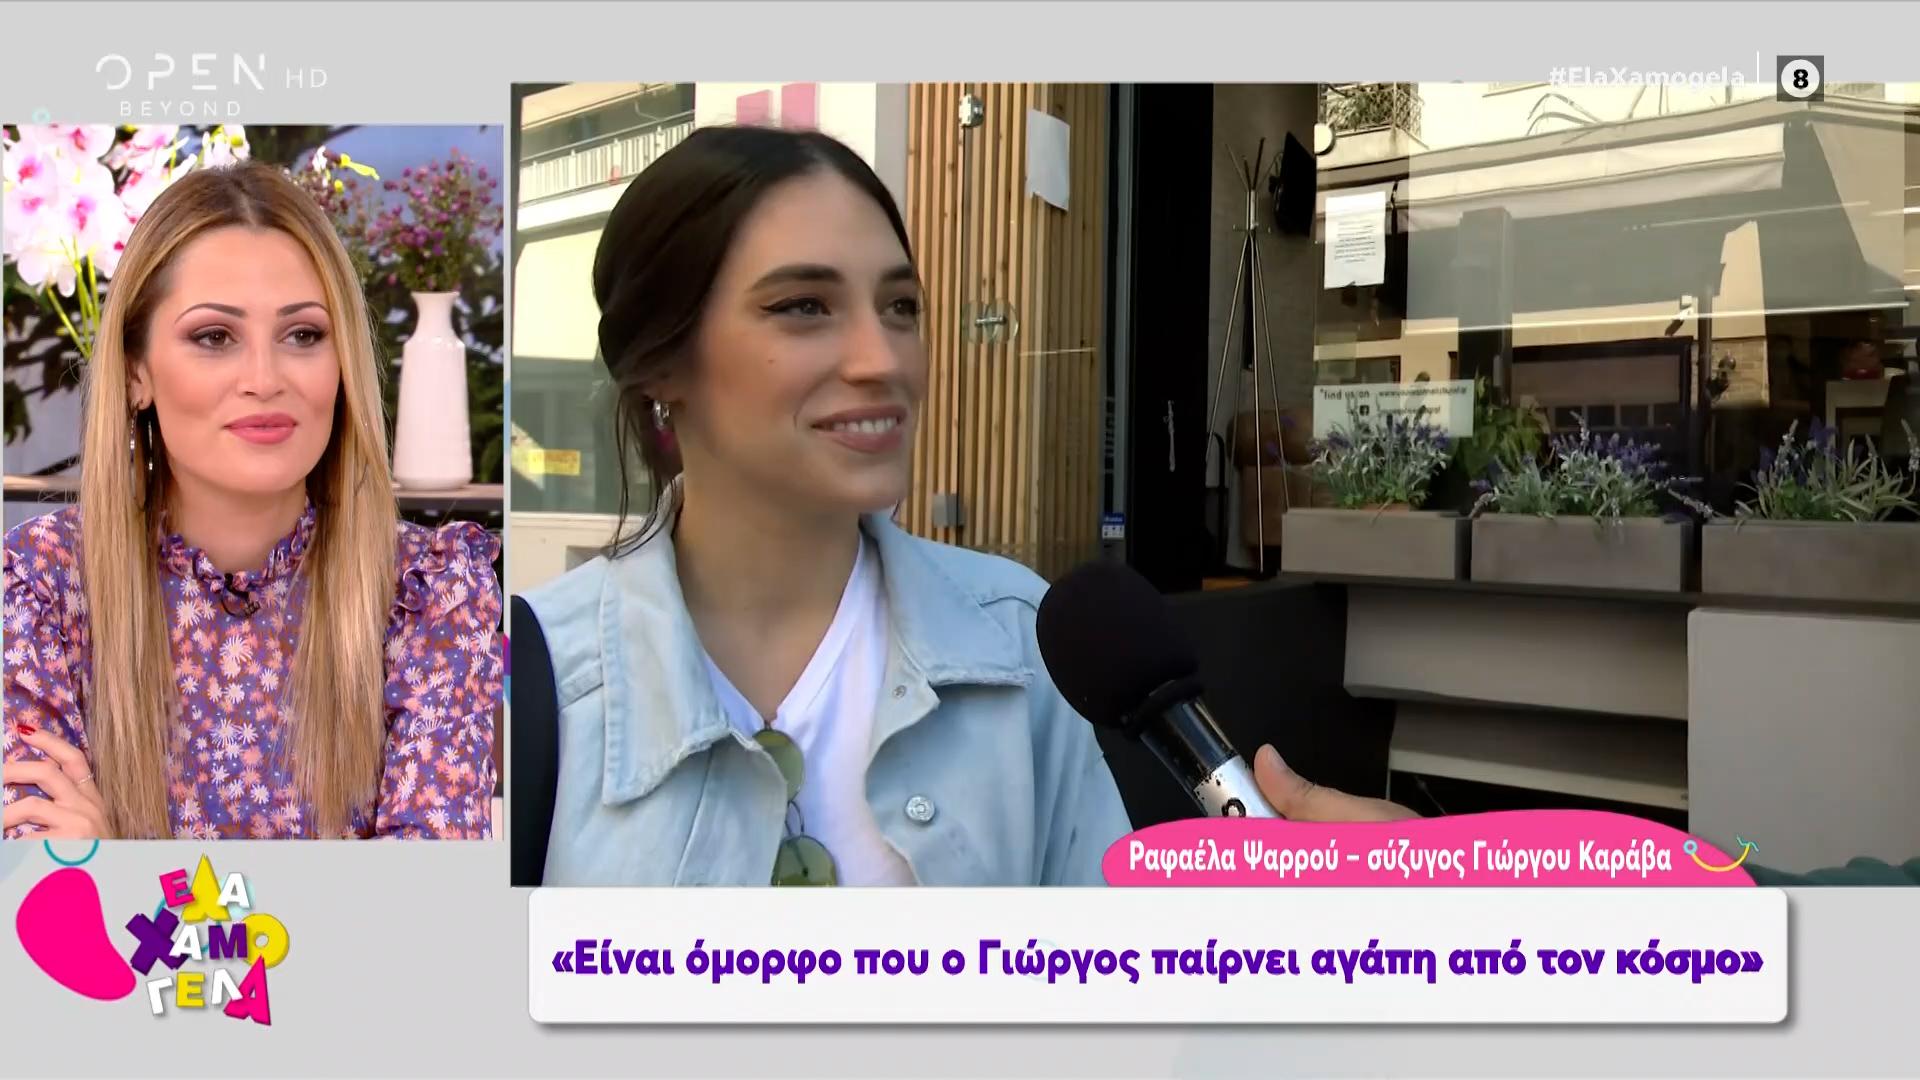 Ραφαέλα Ψαρρού: η πανέμορφη σύζυγος του Γιώργου Καράβα μιλά για τη σχέση  τους και την παρουσία του στο GNTM | OPEN TV